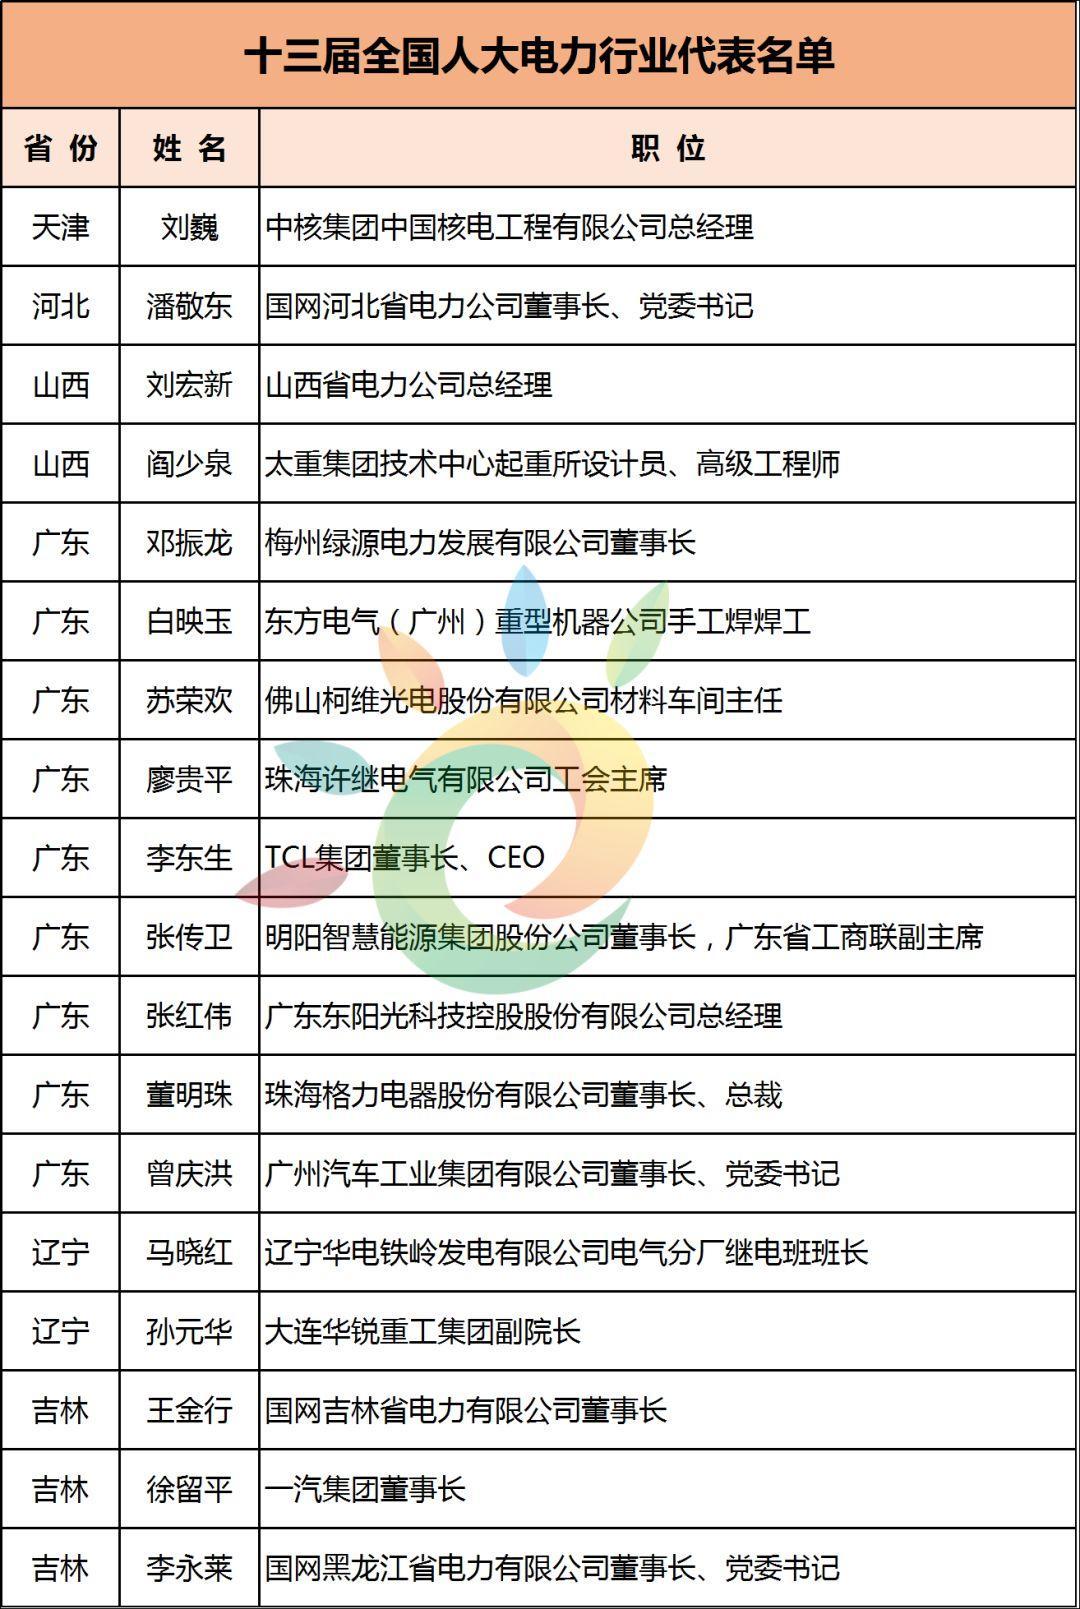 陈康平、刘汉元、曹仁贤等96位!最全两会能源代表名录:光伏3、电力59、油气22、煤炭12……肯定有你认识的!